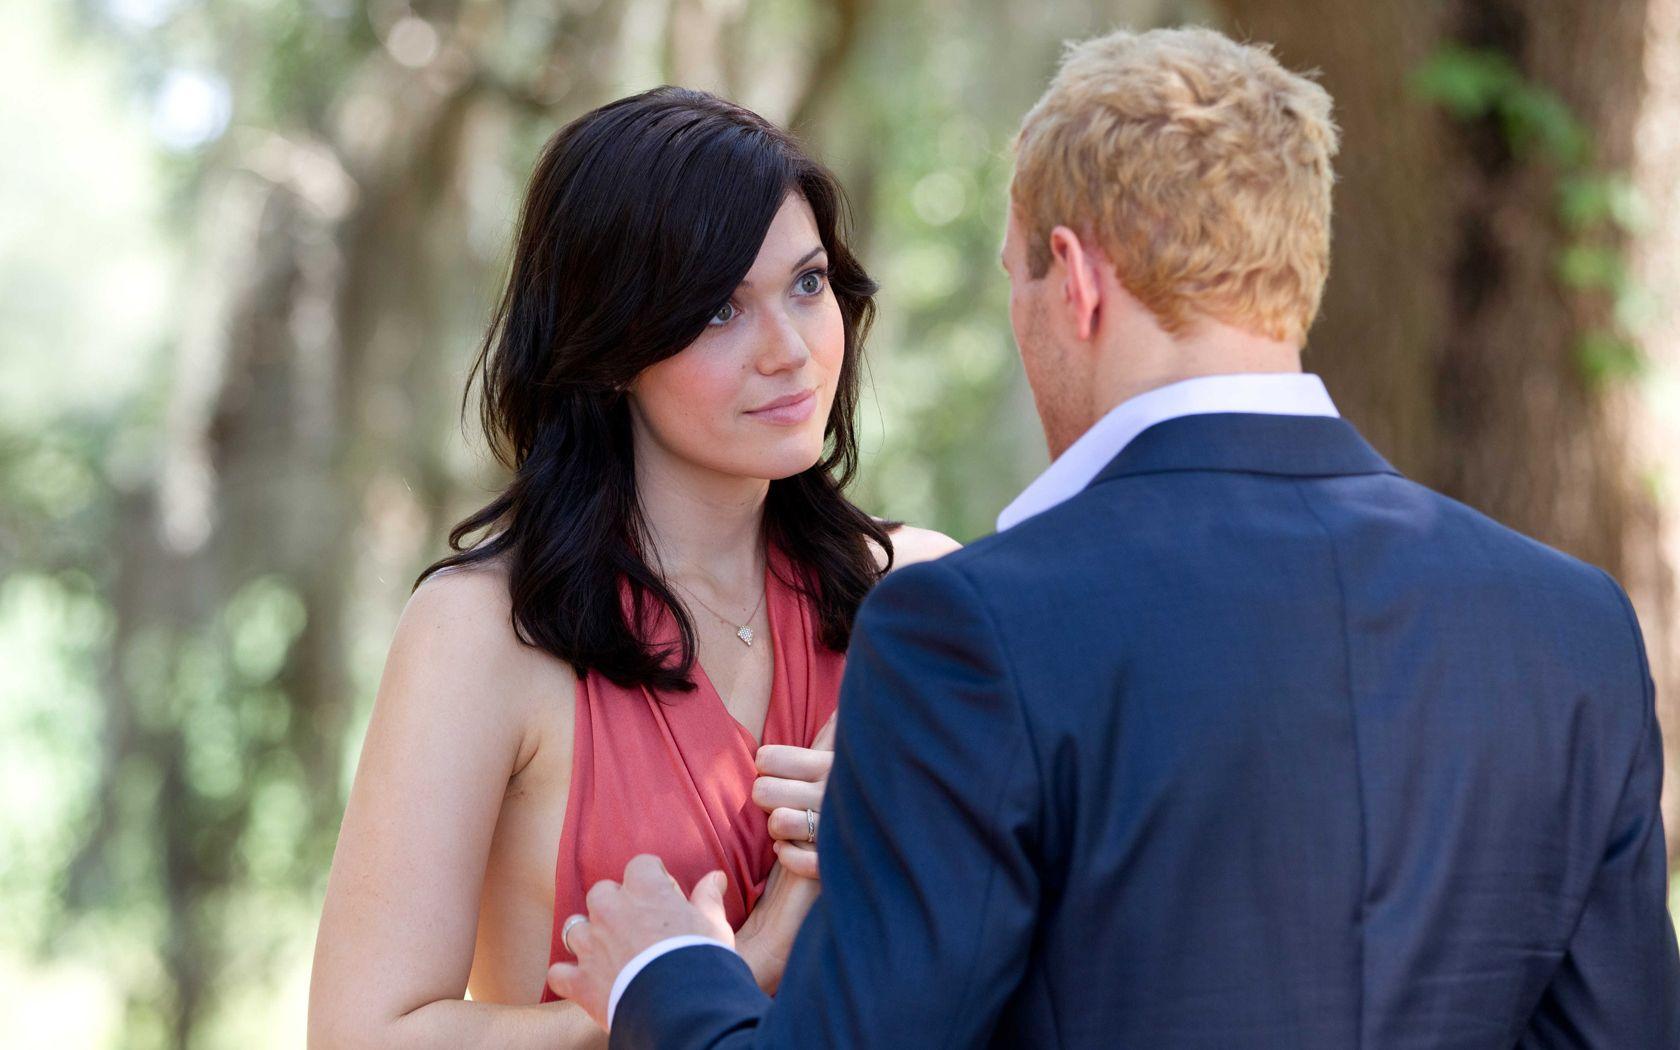 Inilah 7 Tanda Jika Dia Belum Siap Menikah